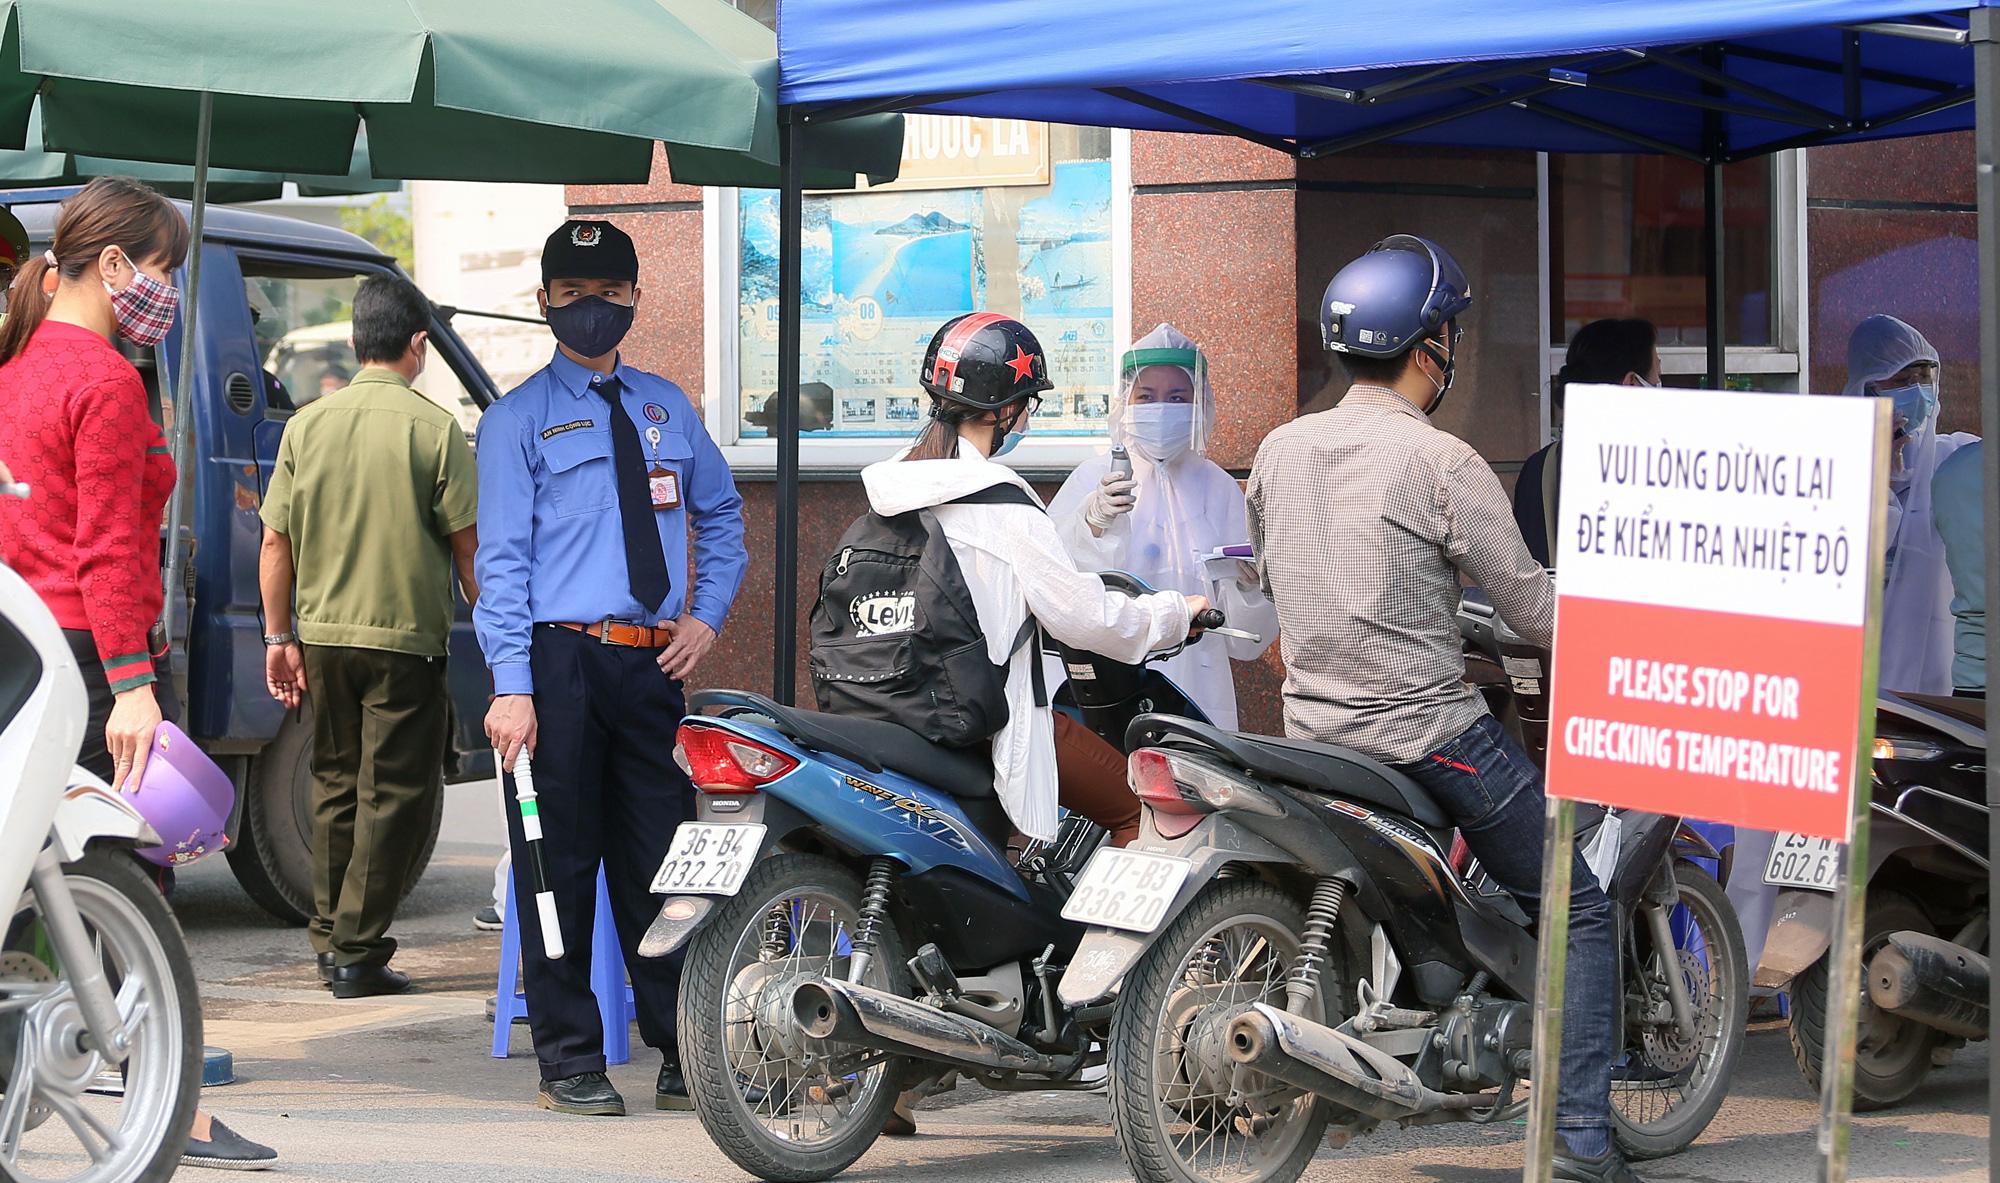 Kiểm soát người ra vào bệnh viện Bạch Mai sau khi phát hiện nhiều ca nhiễm Covid-19 - Ảnh 2.